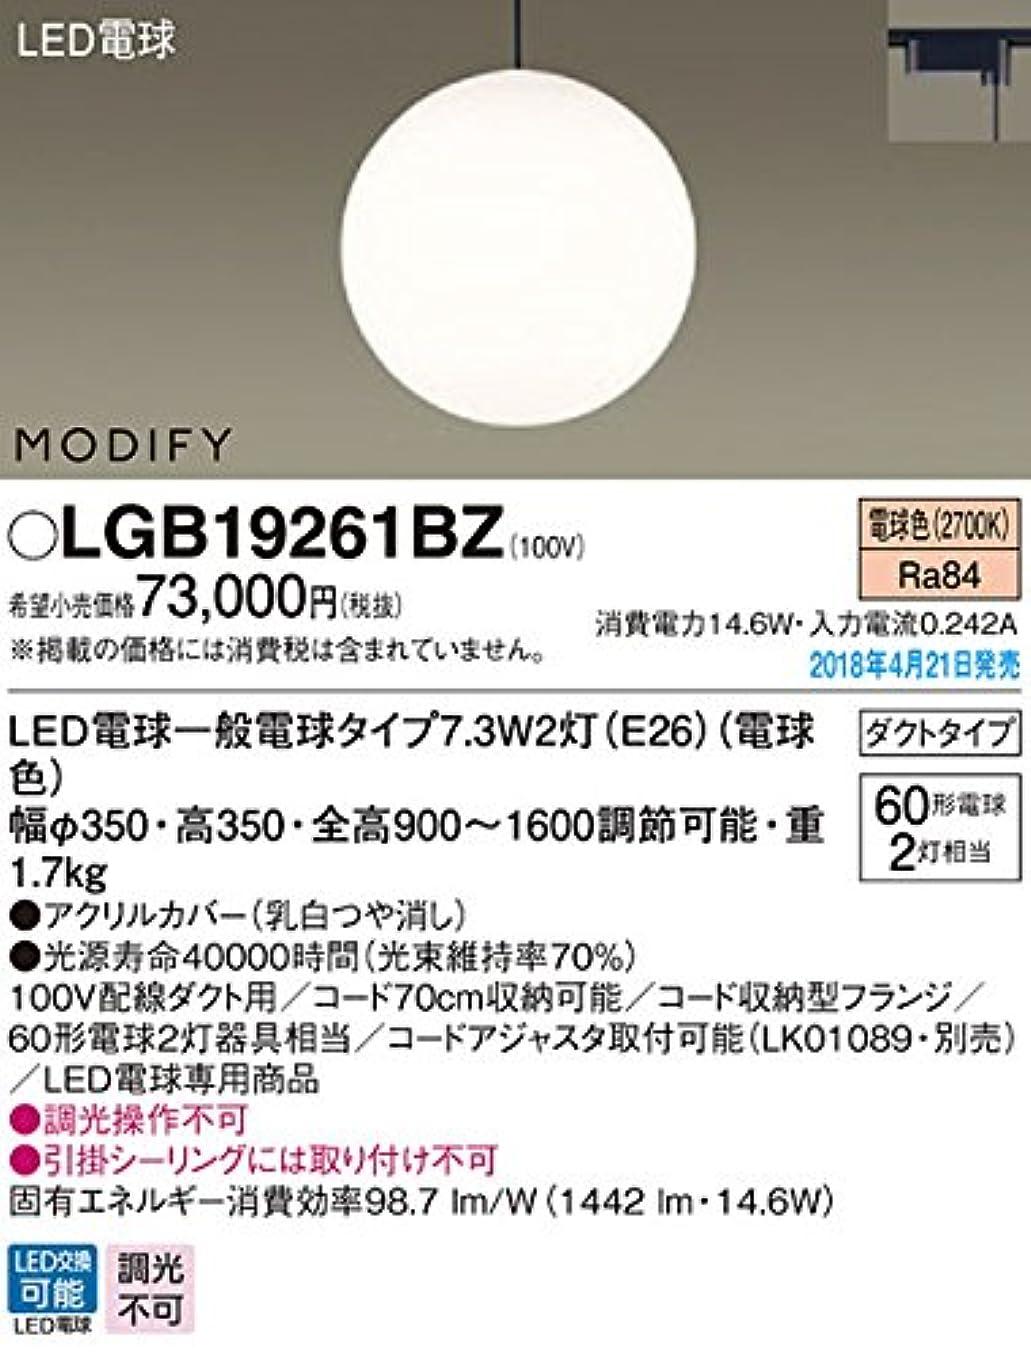 である足首失効パナソニック(Panasonic) ペンダントライト MODIFY SPHERE LGB19261BZ Lサイズ ダクト用 黒 本体: 奥行35.0cm 本体: 高さ35.0cm 本体: 幅35.0cm